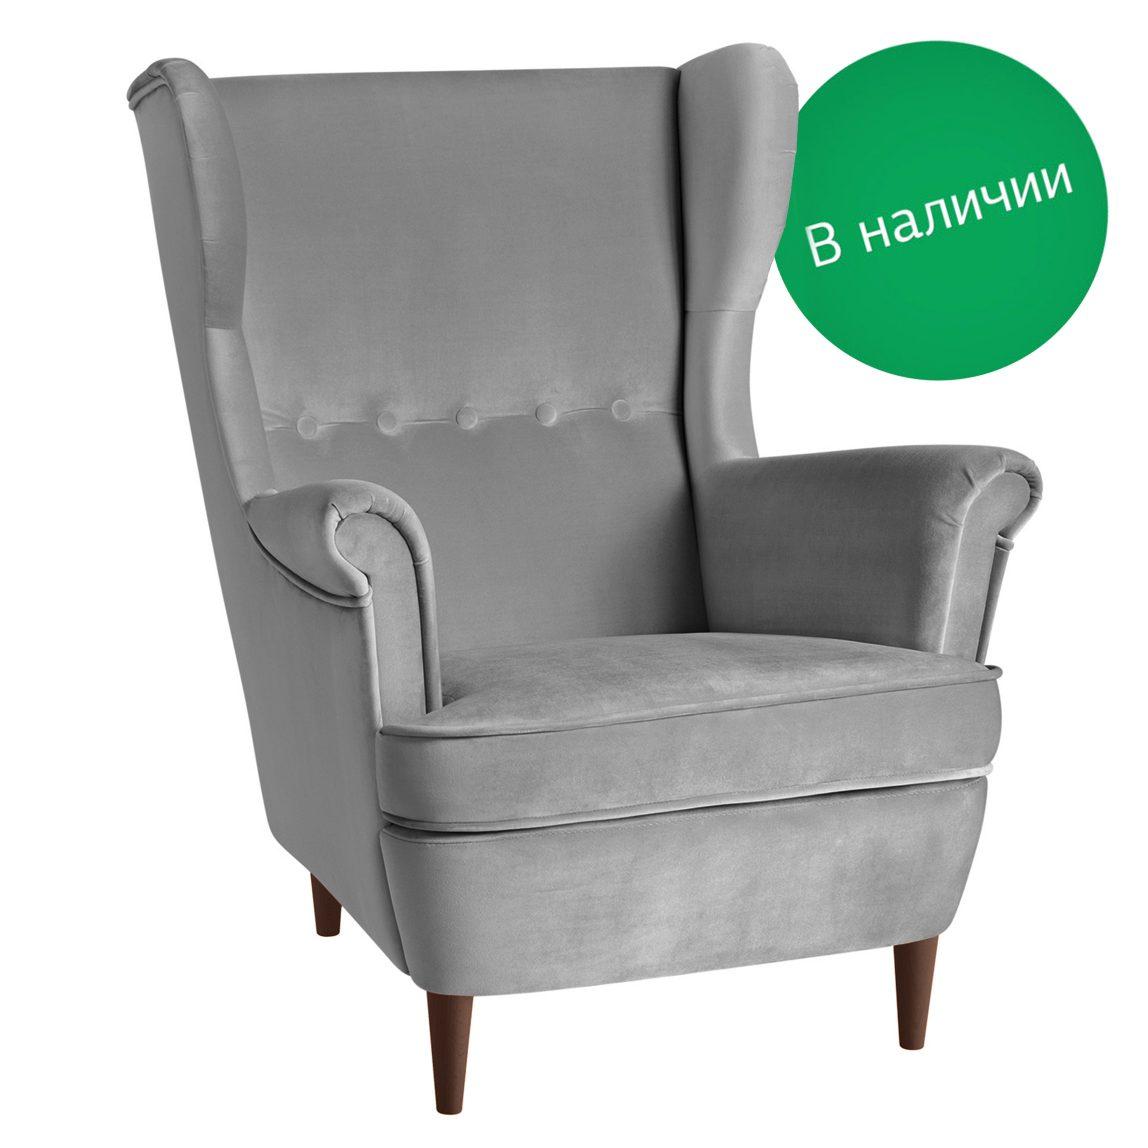 Страндмон Strandmon кресло с высокой спинкой с подголовником